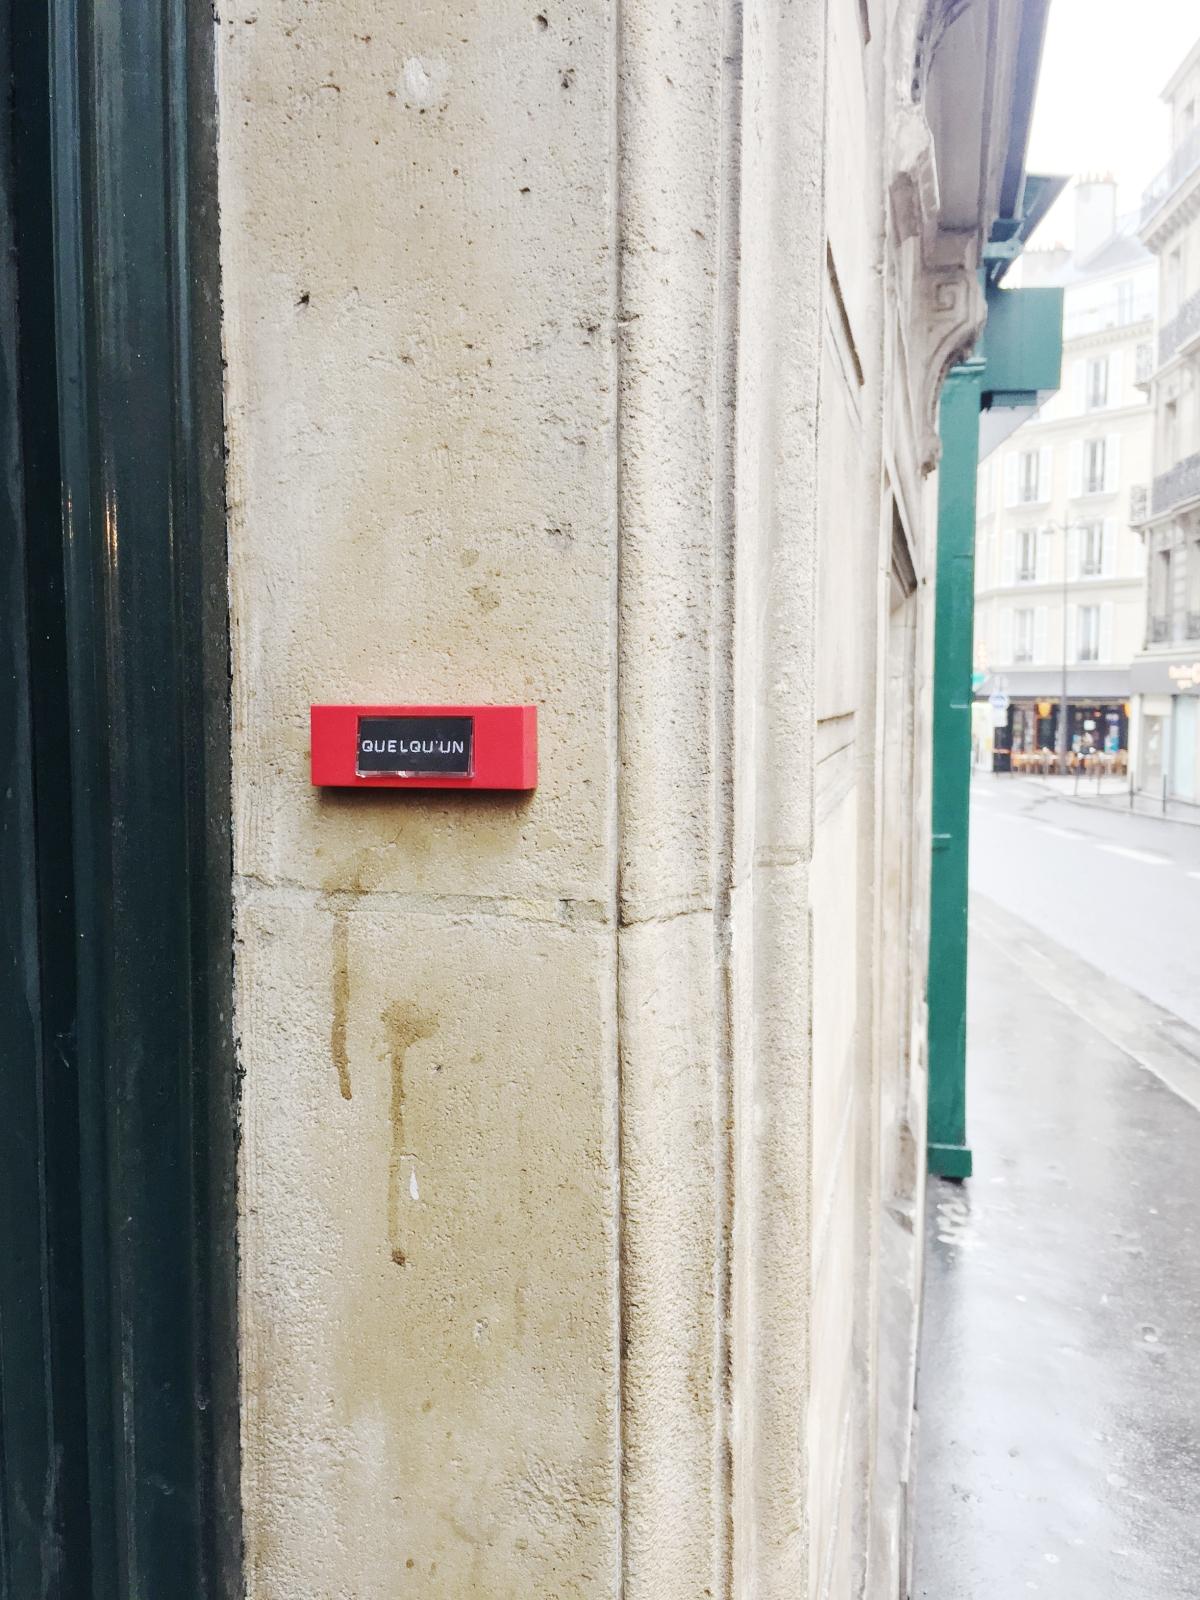 Quelqu'un- Paris 9ème arrondissement - 2014 - Le Sonneur